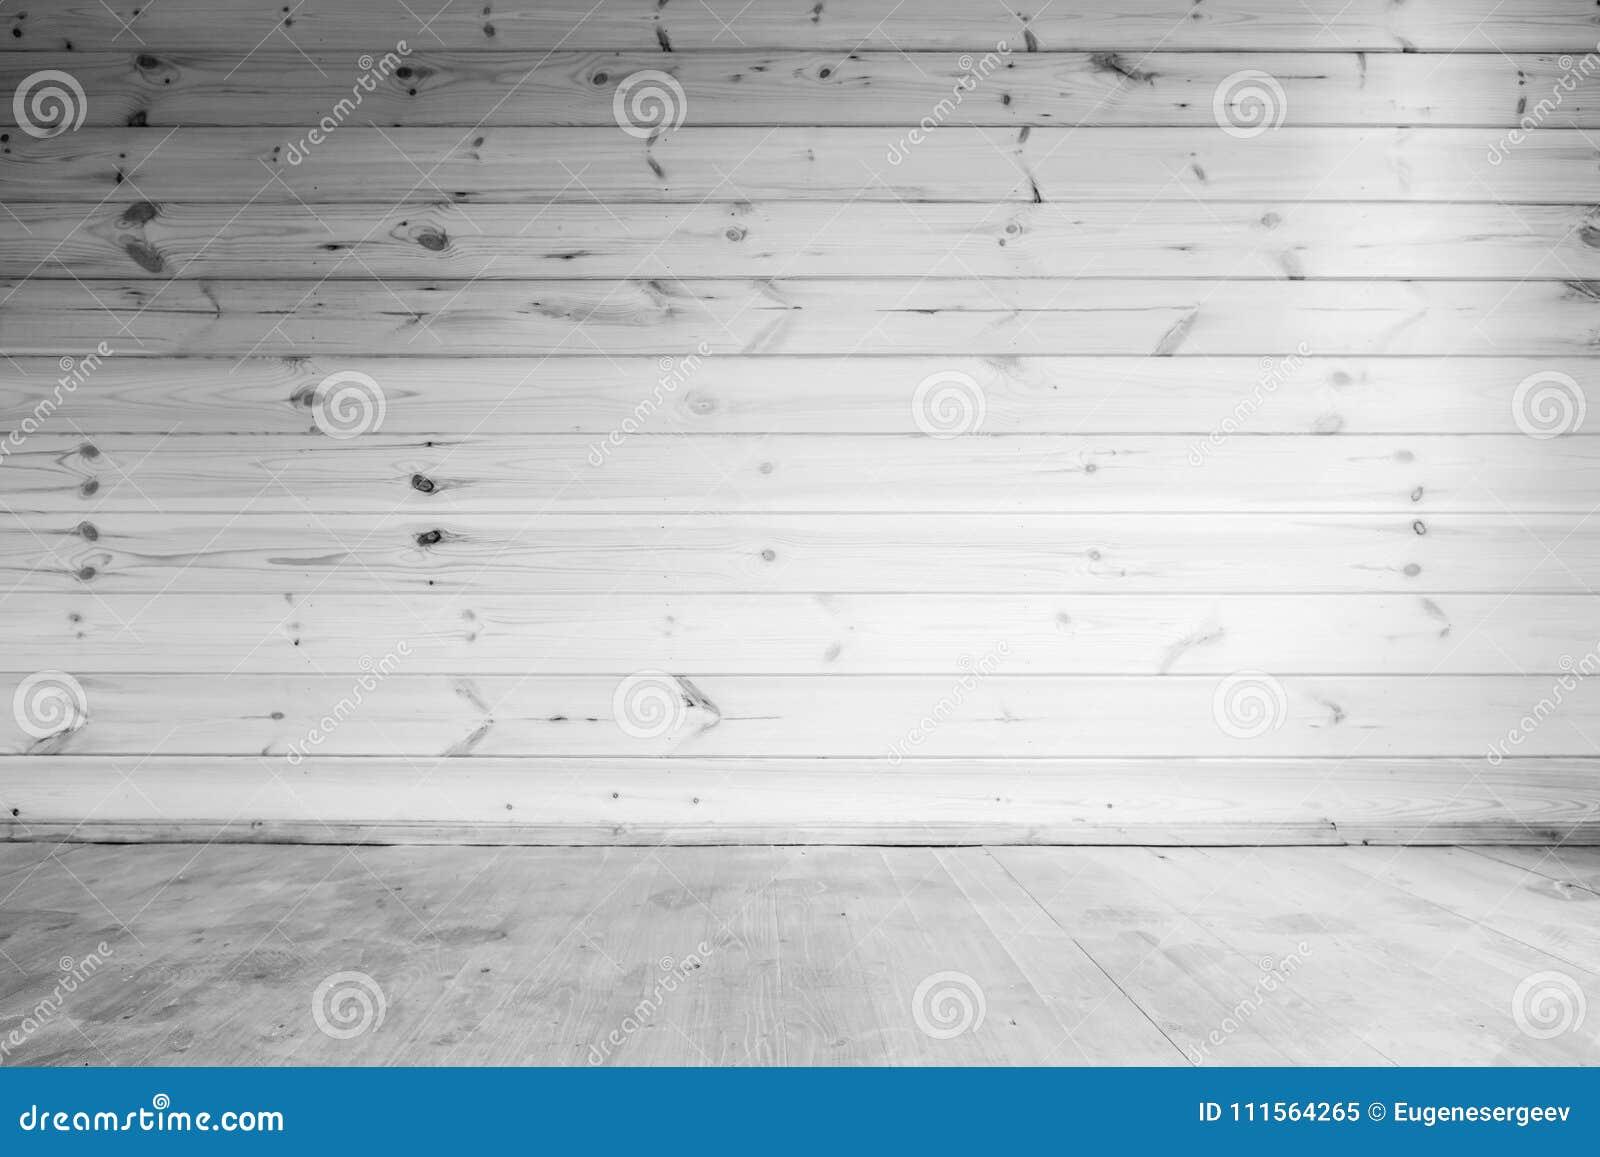 Pareti In Legno Bianco : Fondo di legno bianco del pavimento e della parete immagine stock